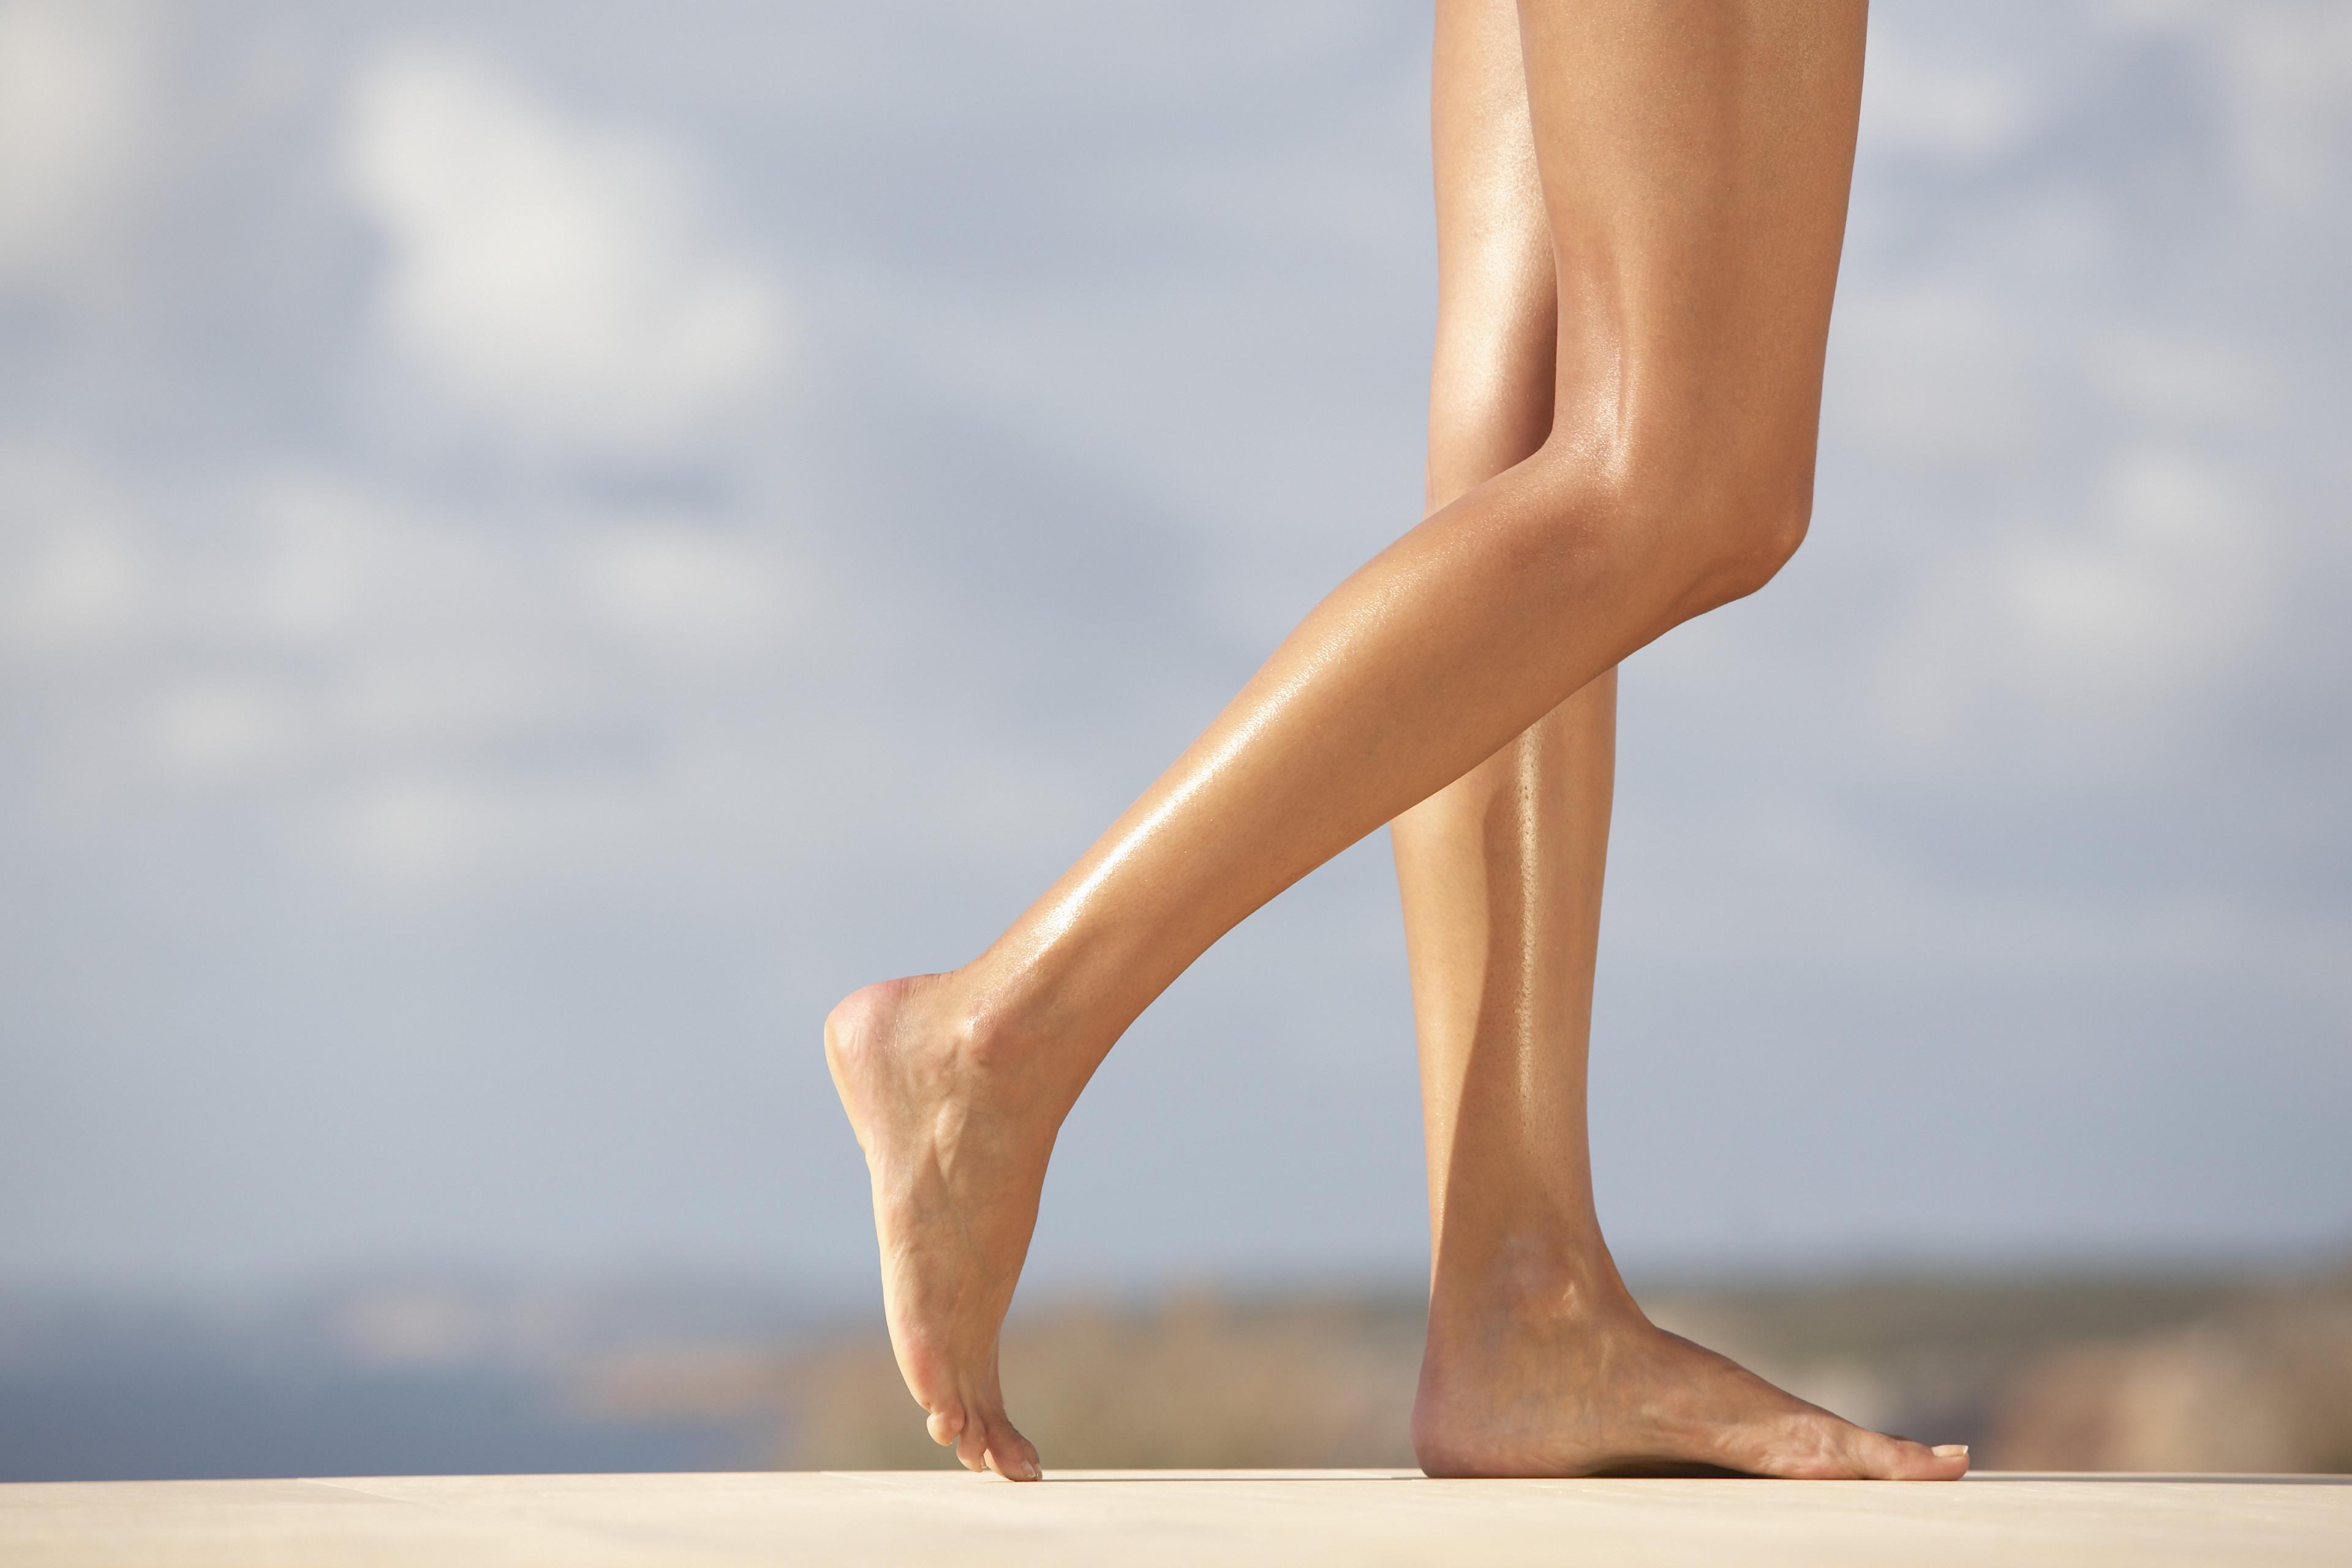 Картинки по запросу legs